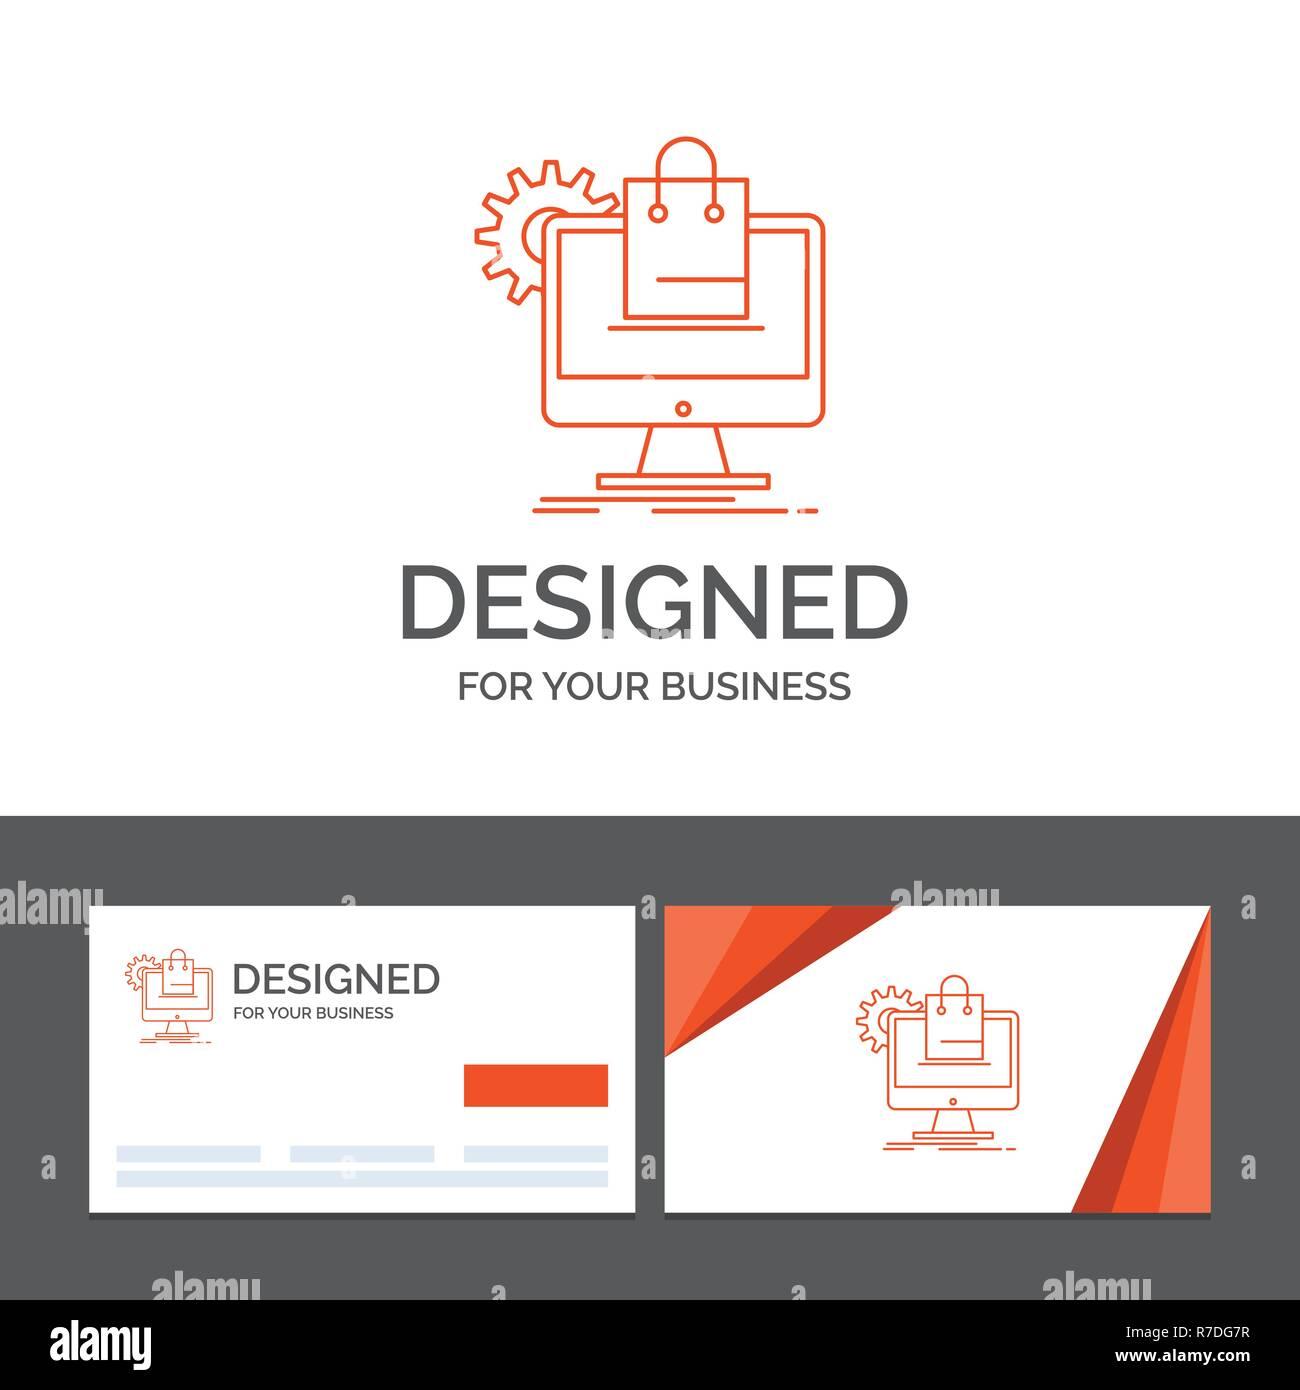 Modele De Logo Dentreprise Pour Faire Du Shopping En Ligne E Commerce Services Panier Cartes Visite Orange Avec Marque Template